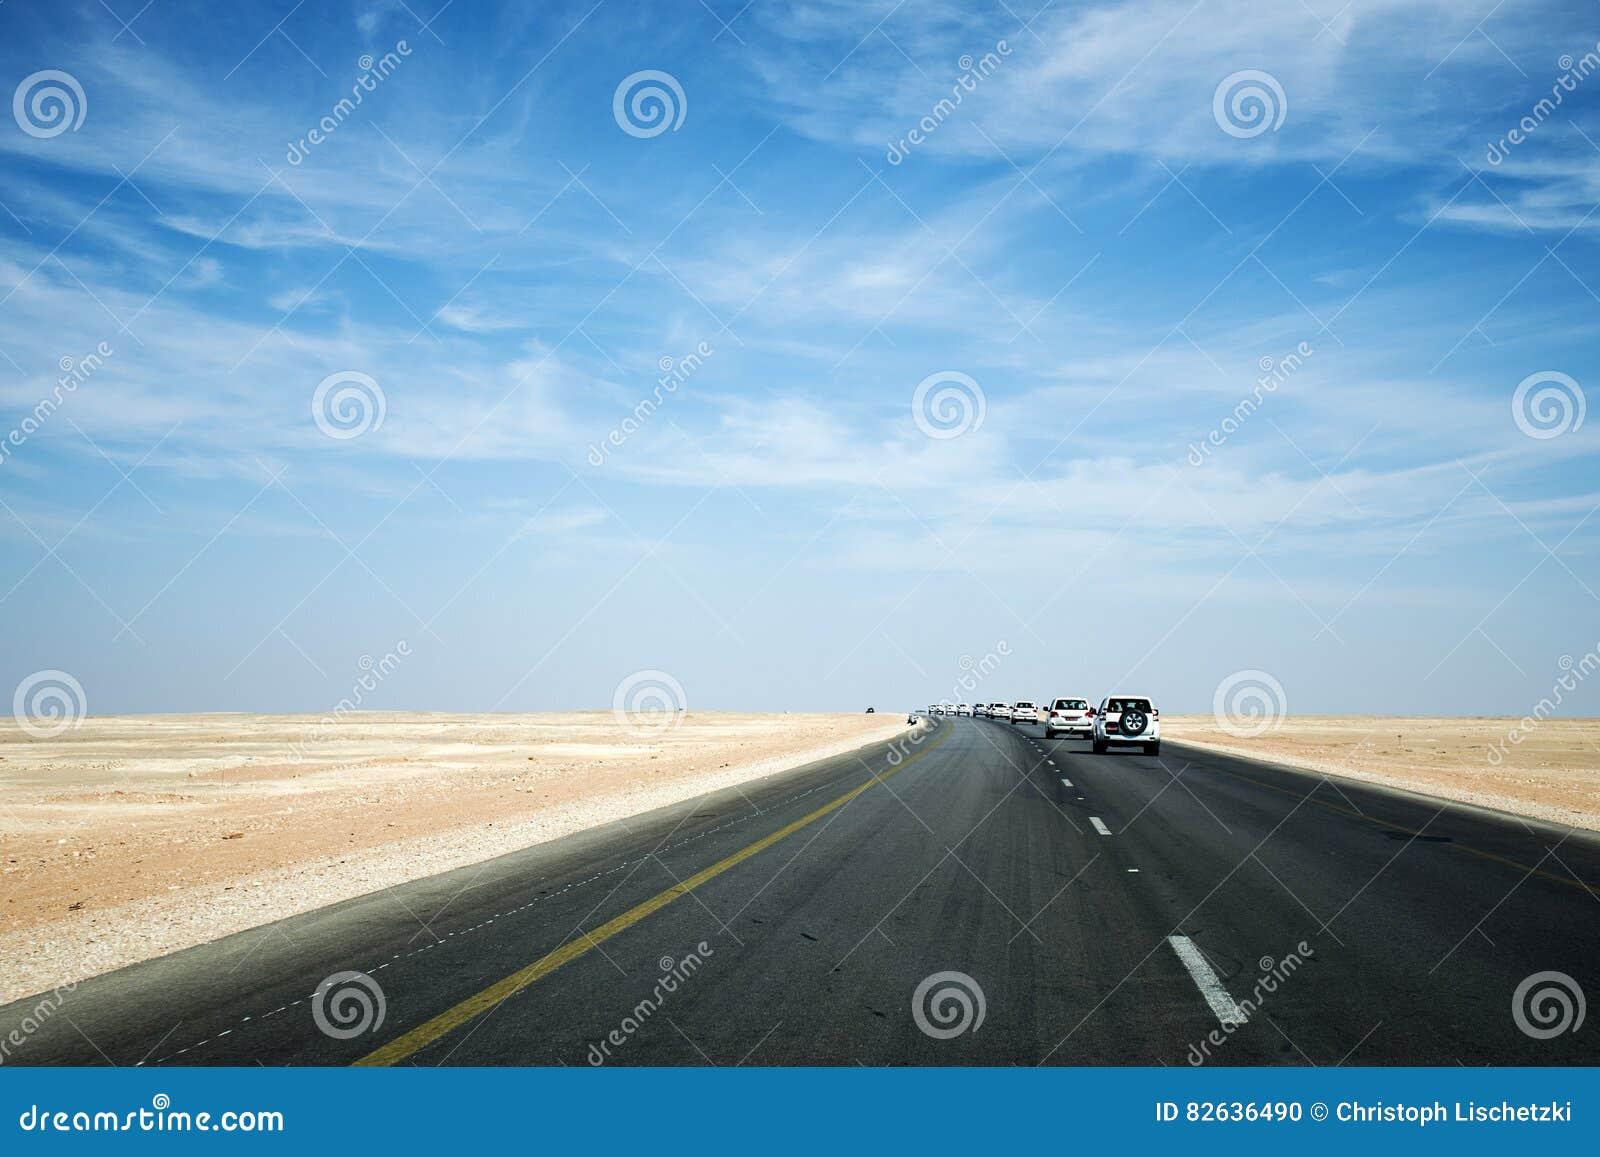 Jeep Tour safari road in the desert Oman Salalah